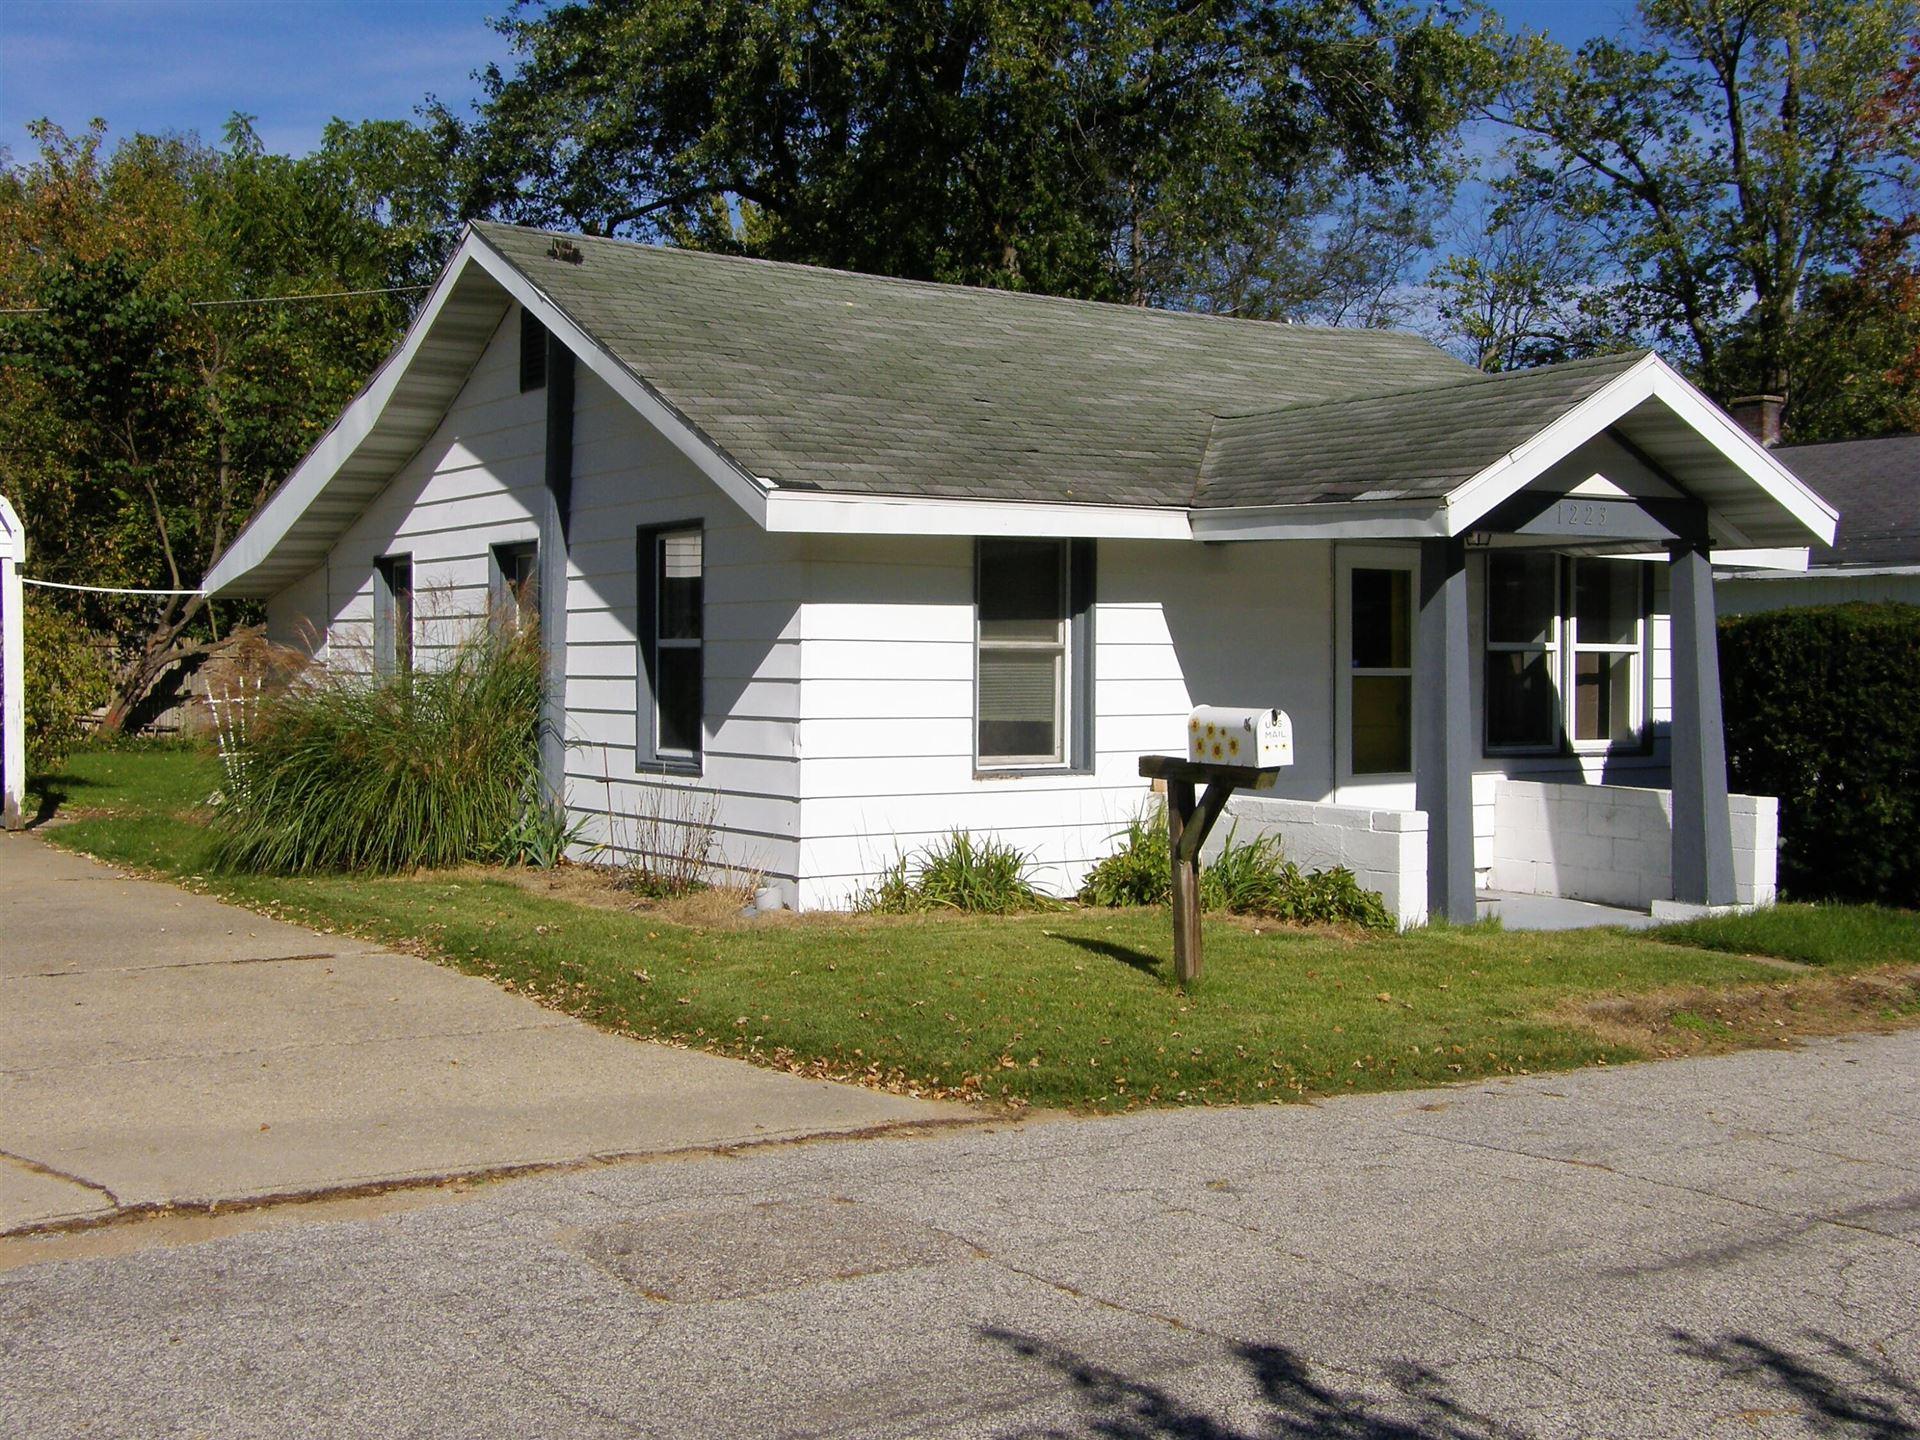 1223 Bybee Court, Niles, MI 49120 - MLS#: 21111718